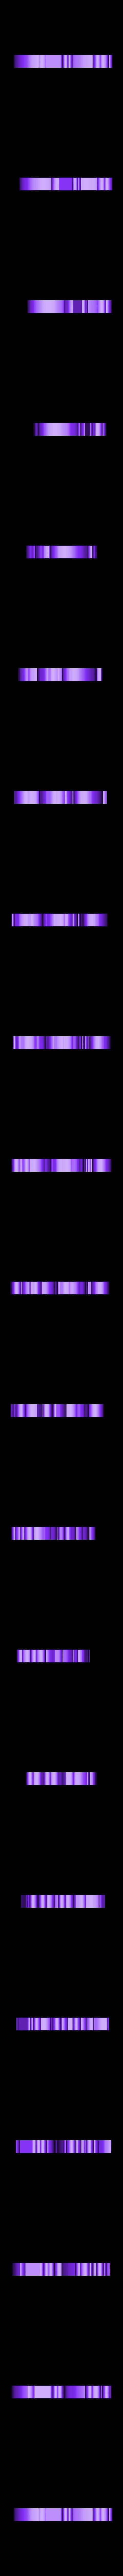 B0011e07 b362 429d a14f 54bcd939b123